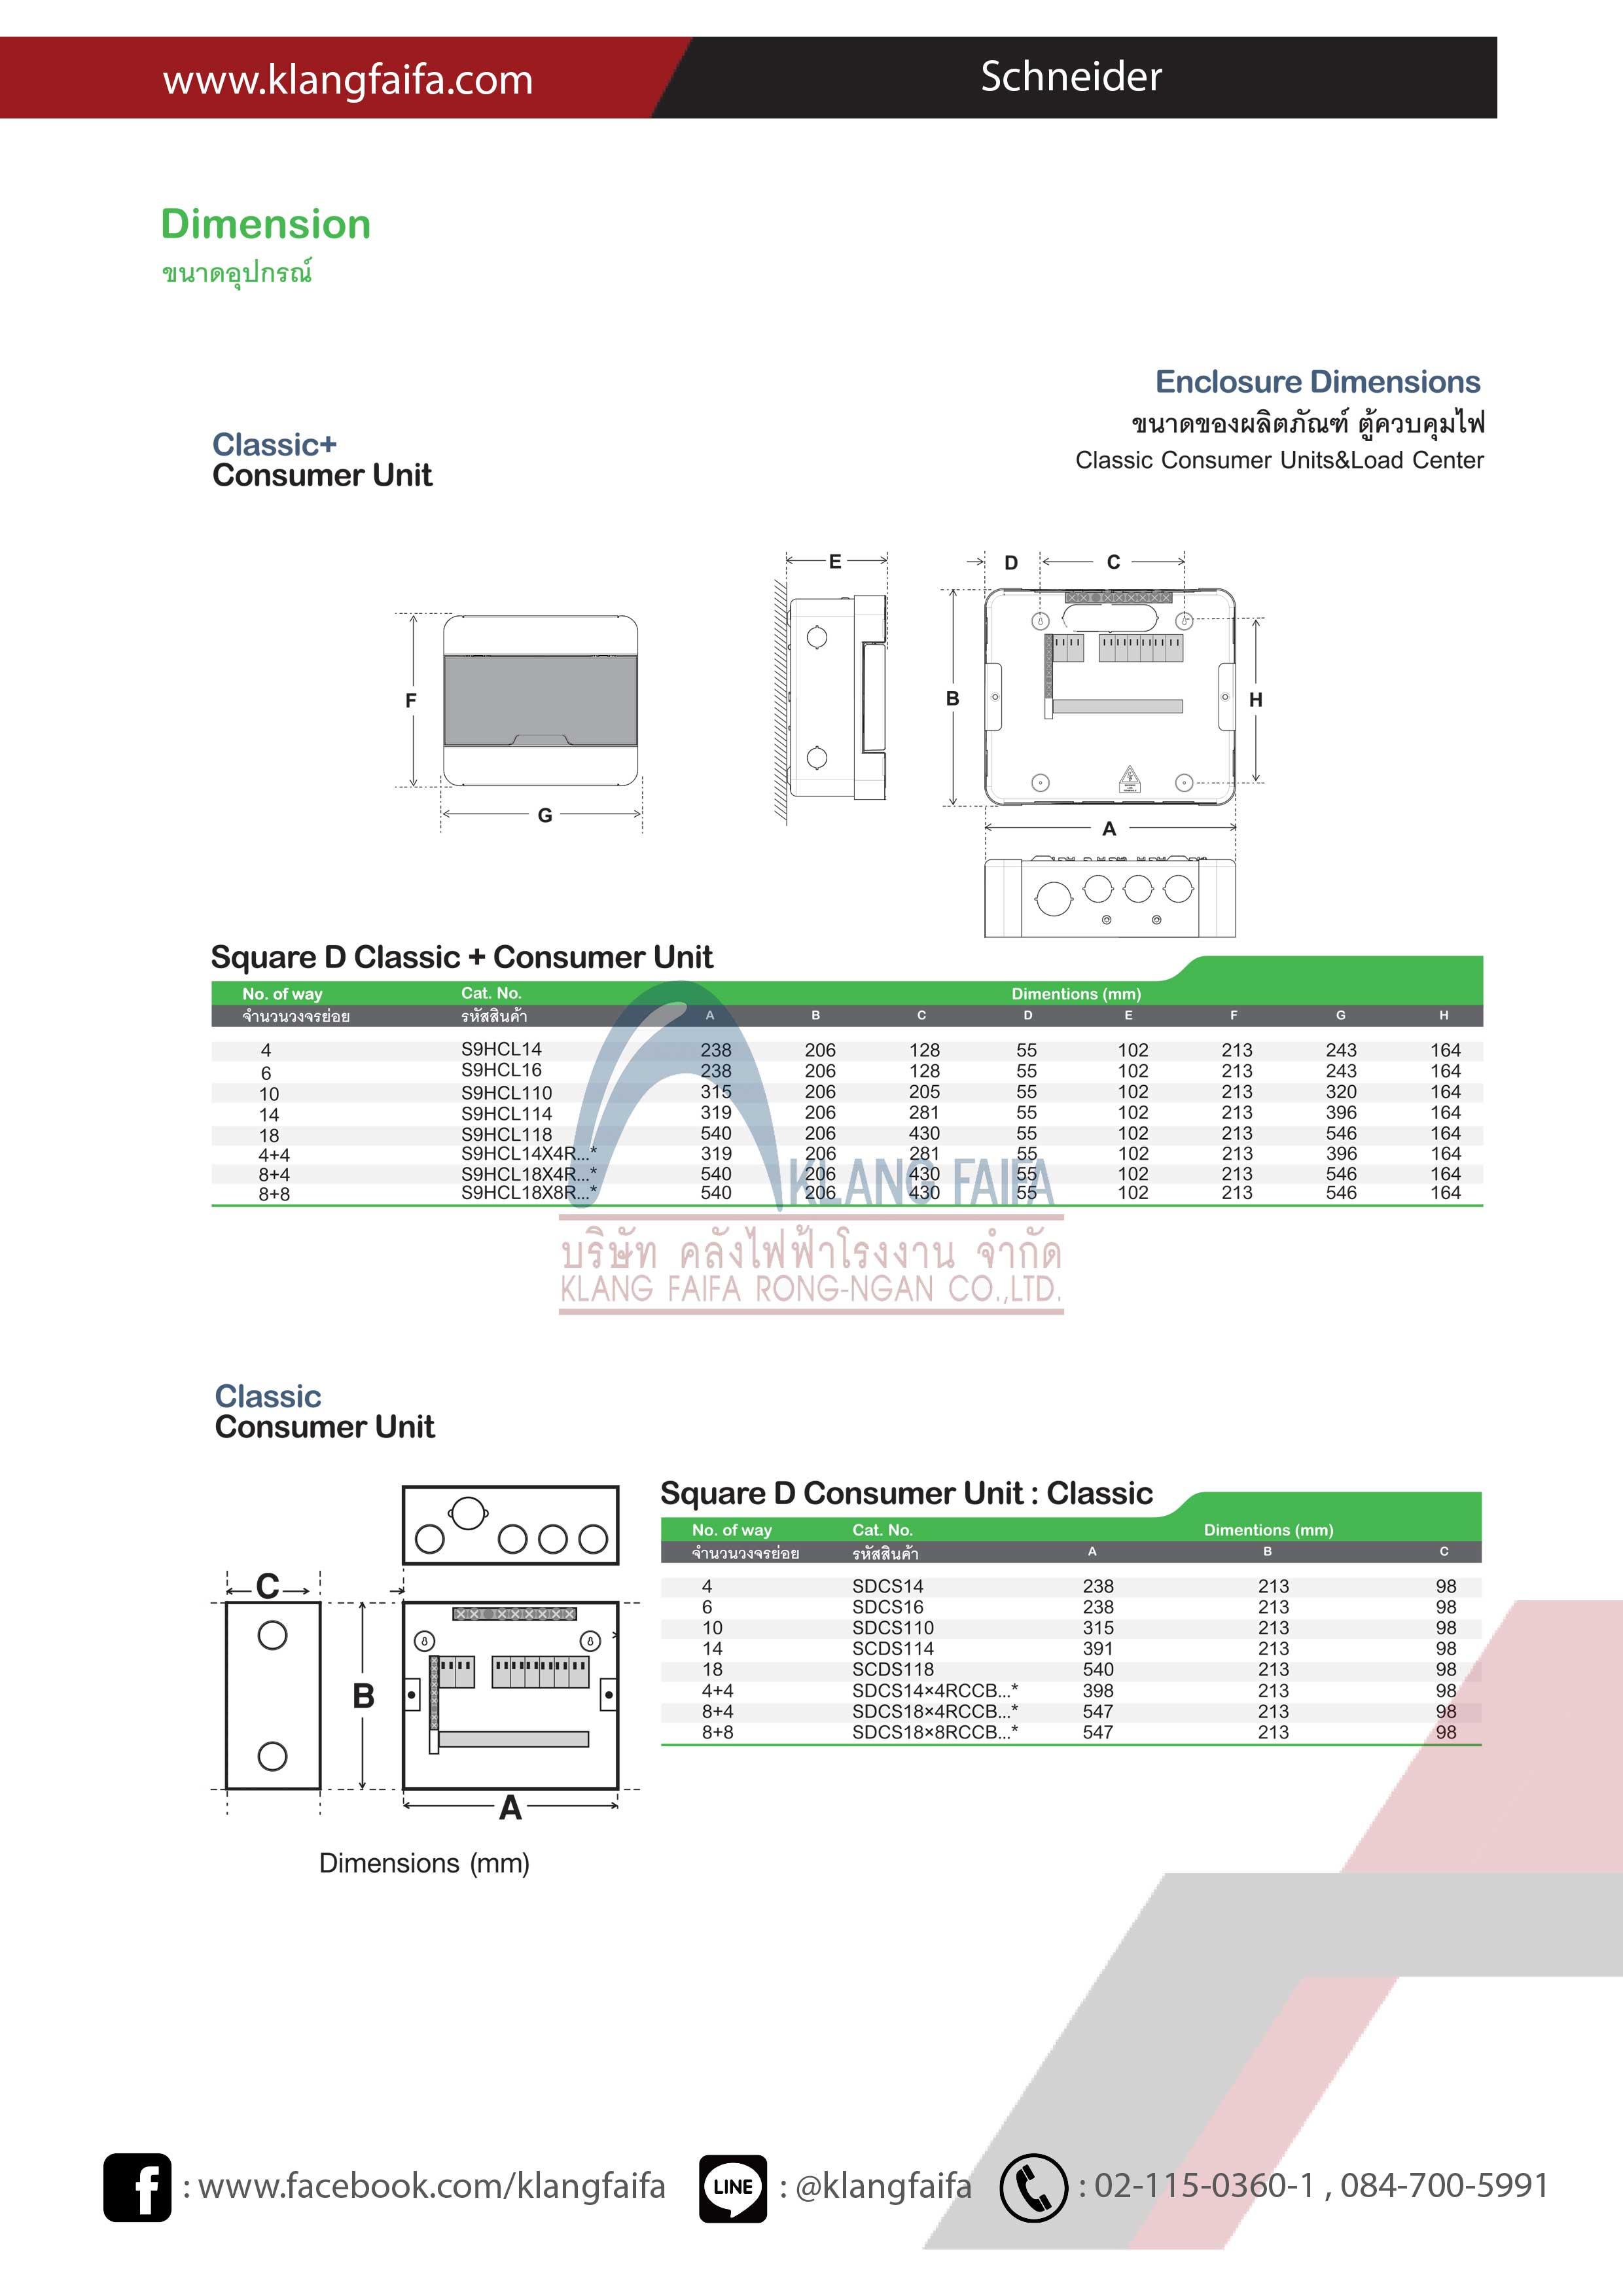 Schneider, ชไนเดอร์, Schneider2019, Installation-Guide